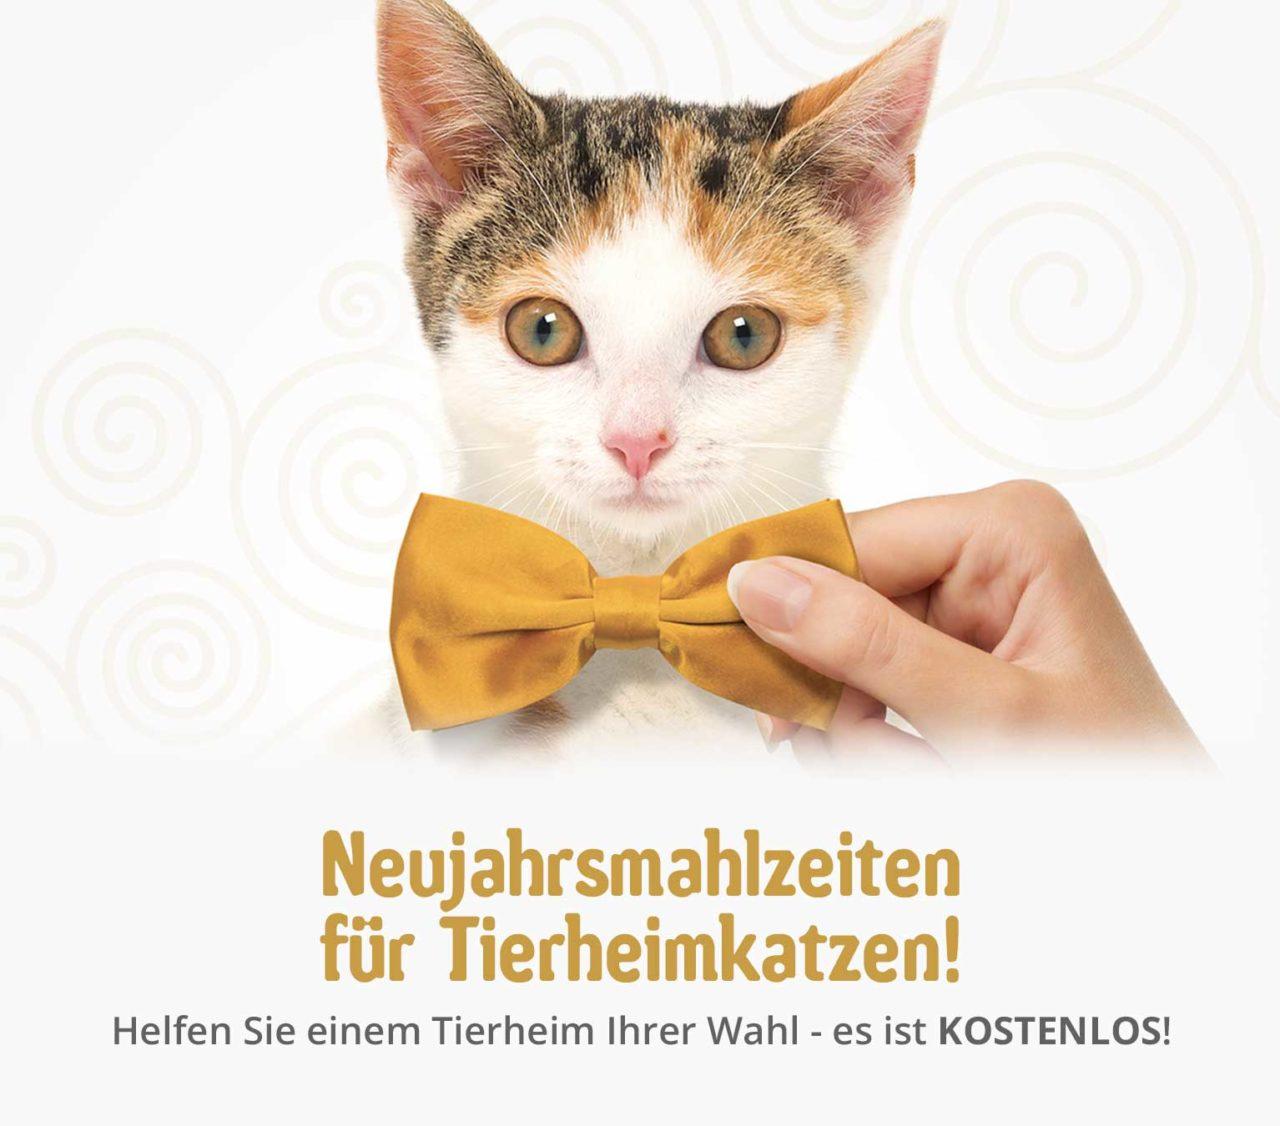 Neujahrsmahlzeiten für Tierheimkatzen!